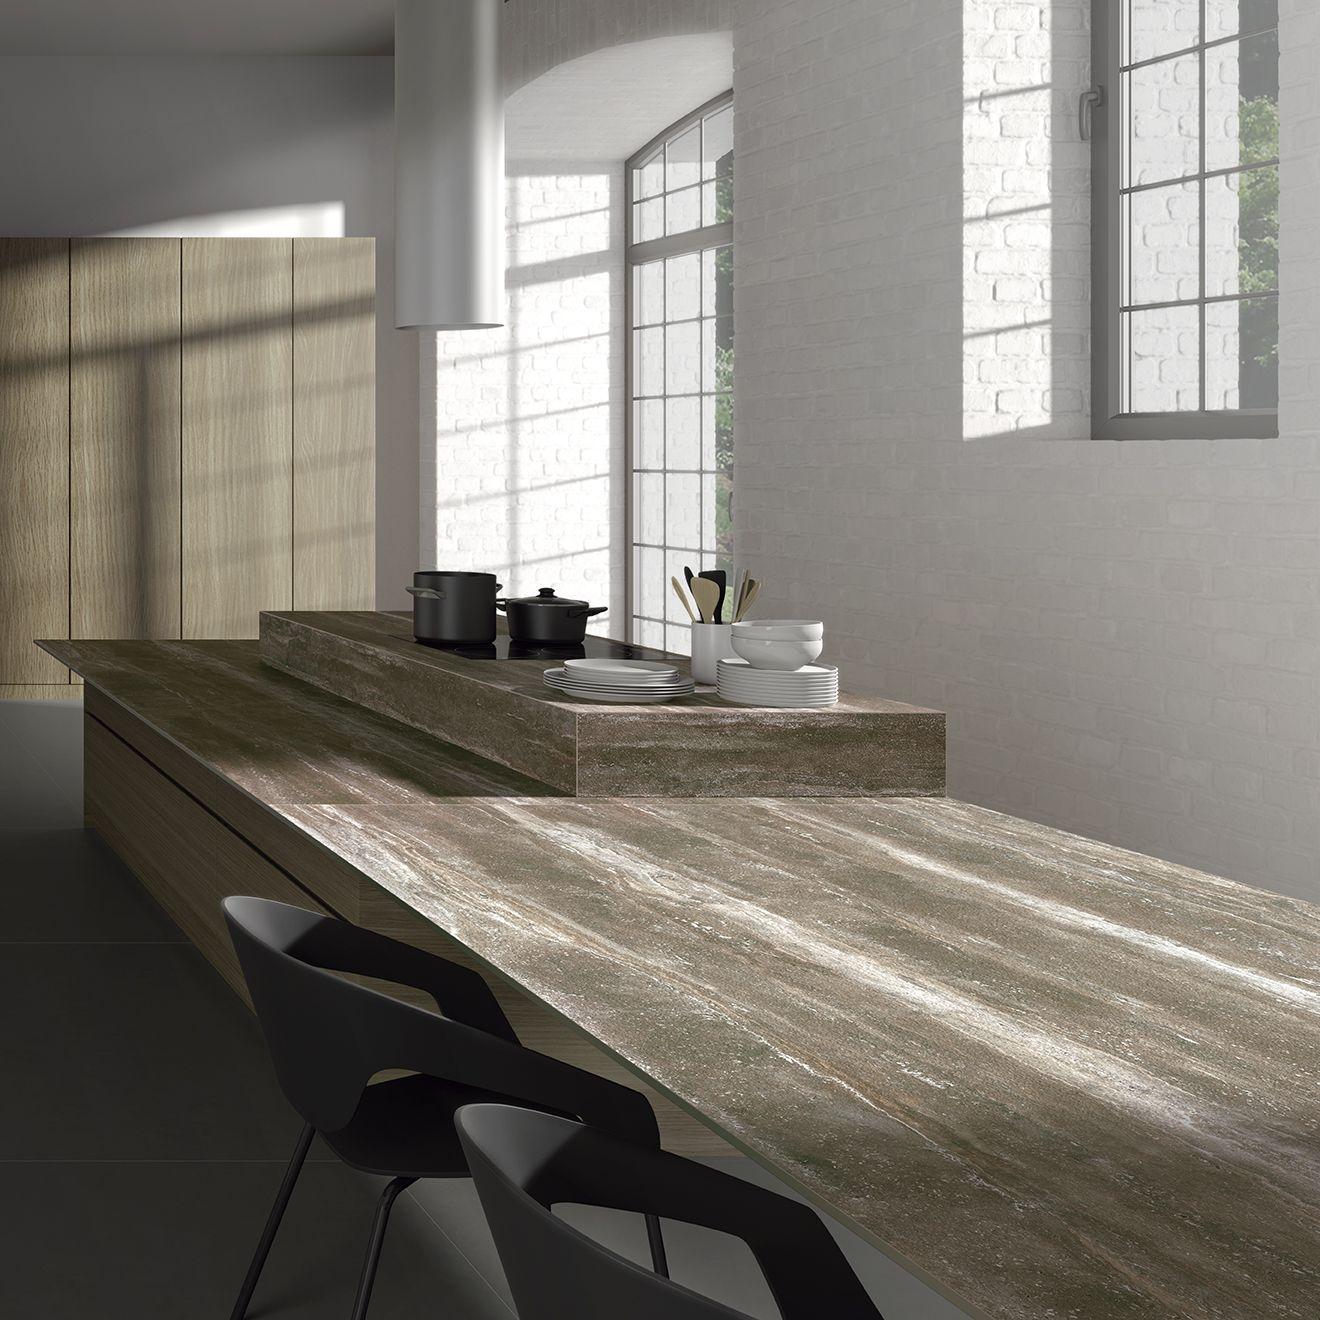 Encimera de #cocina #moderna con #diseño de #mármol #travertino y ...